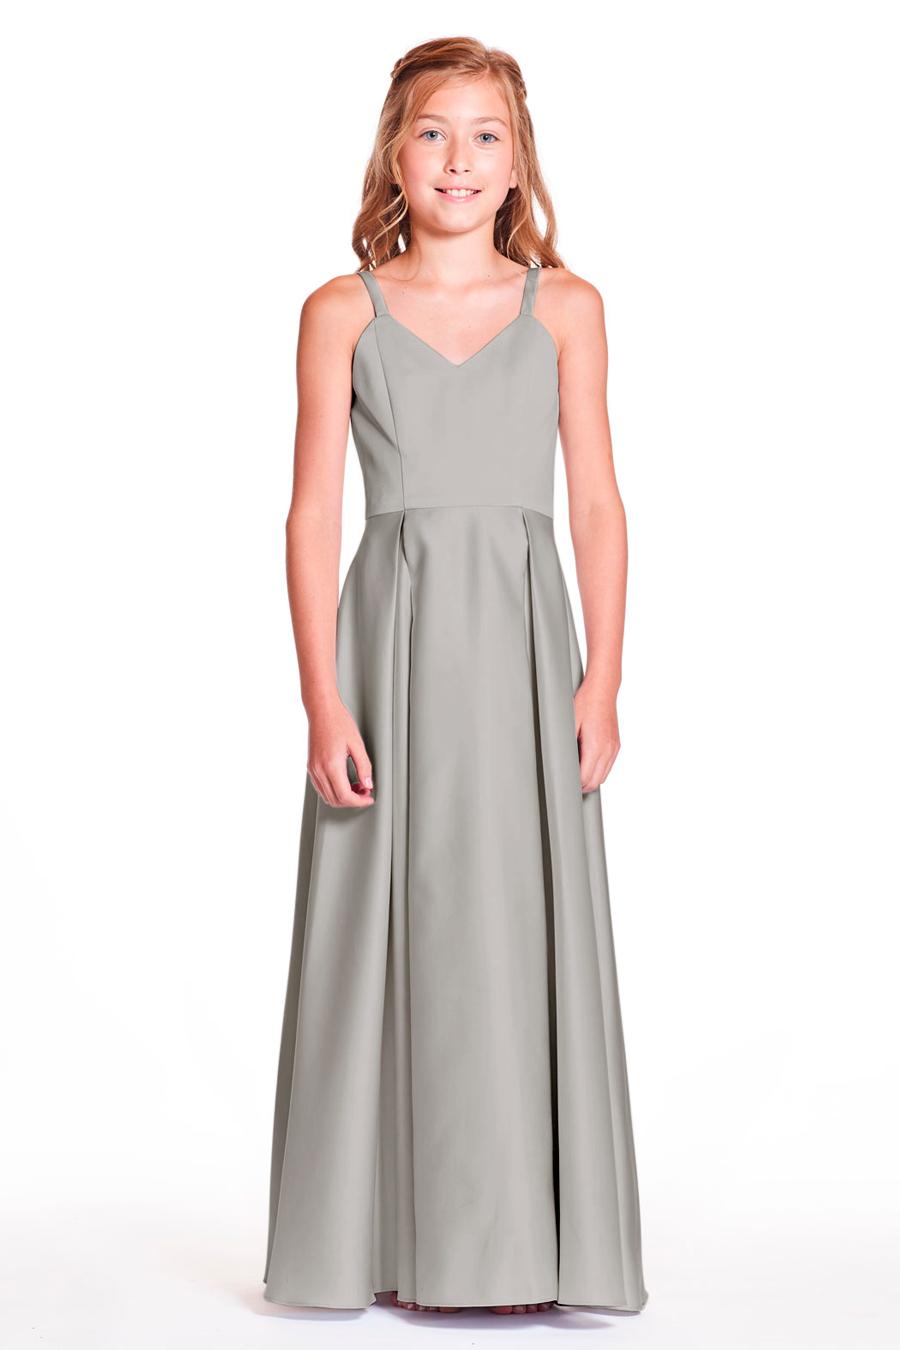 Girls Jr Bridesmaid Dresses